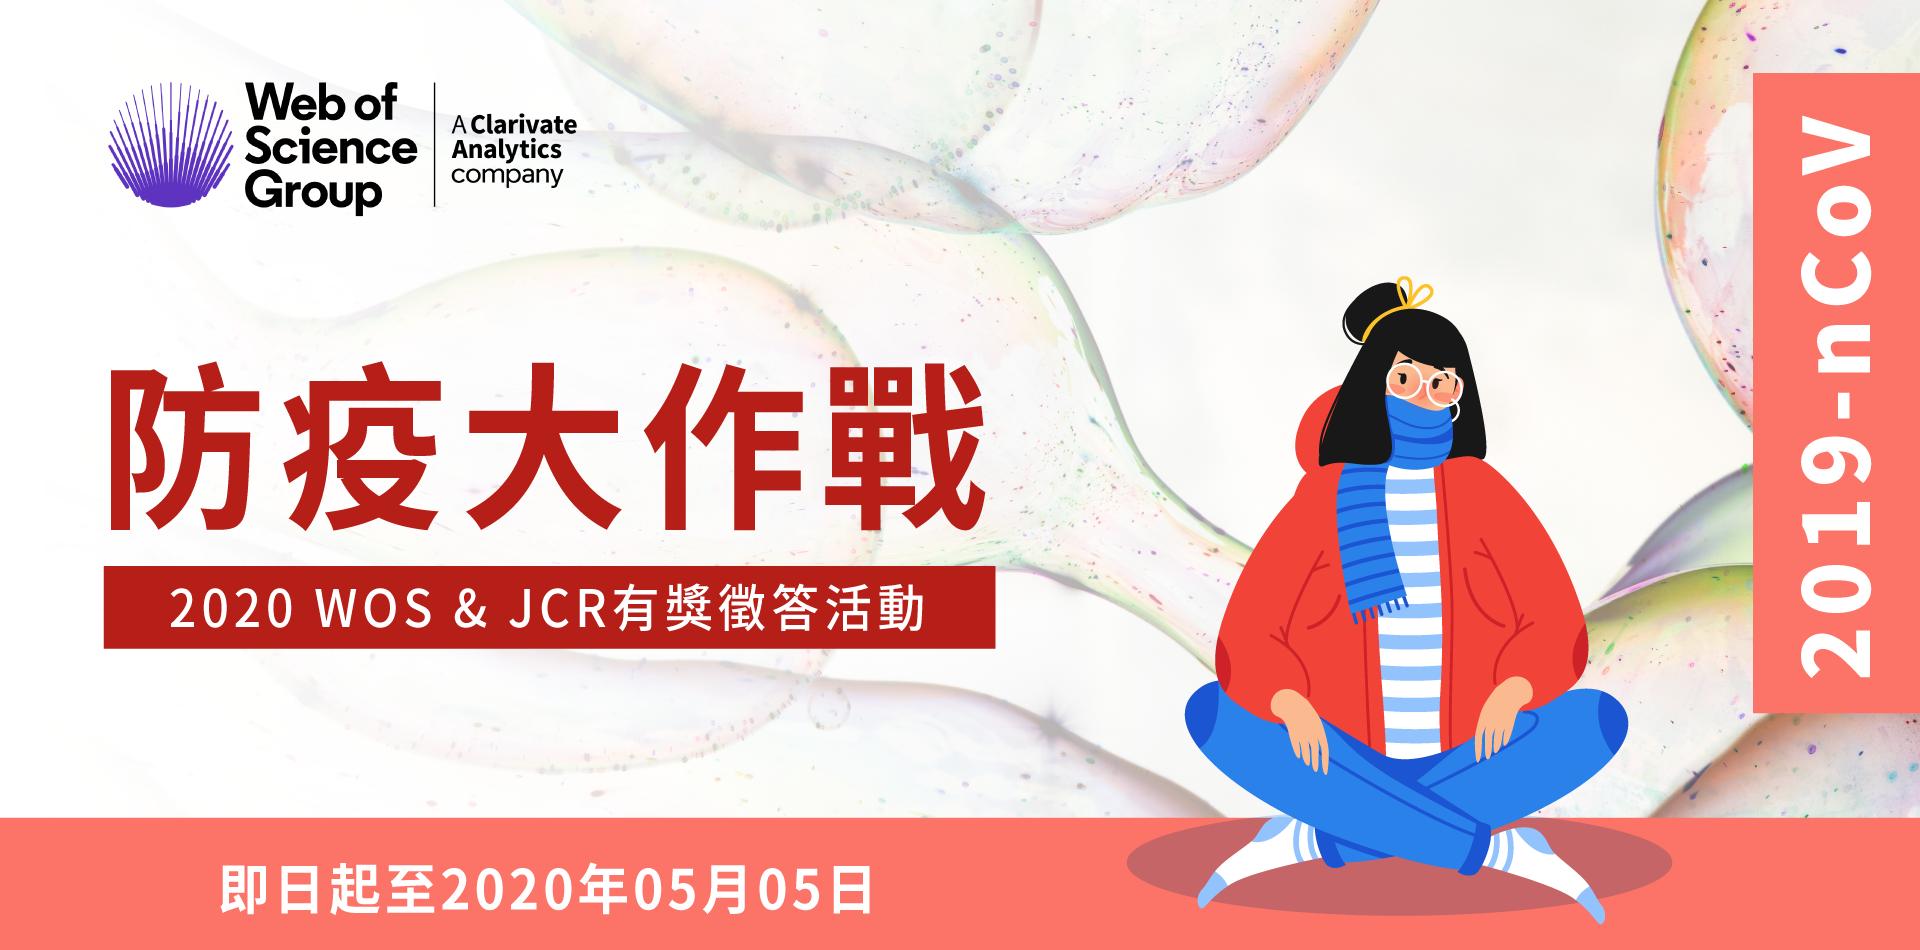 防疫大作戰~2020 JCR資料庫有獎徵答活動